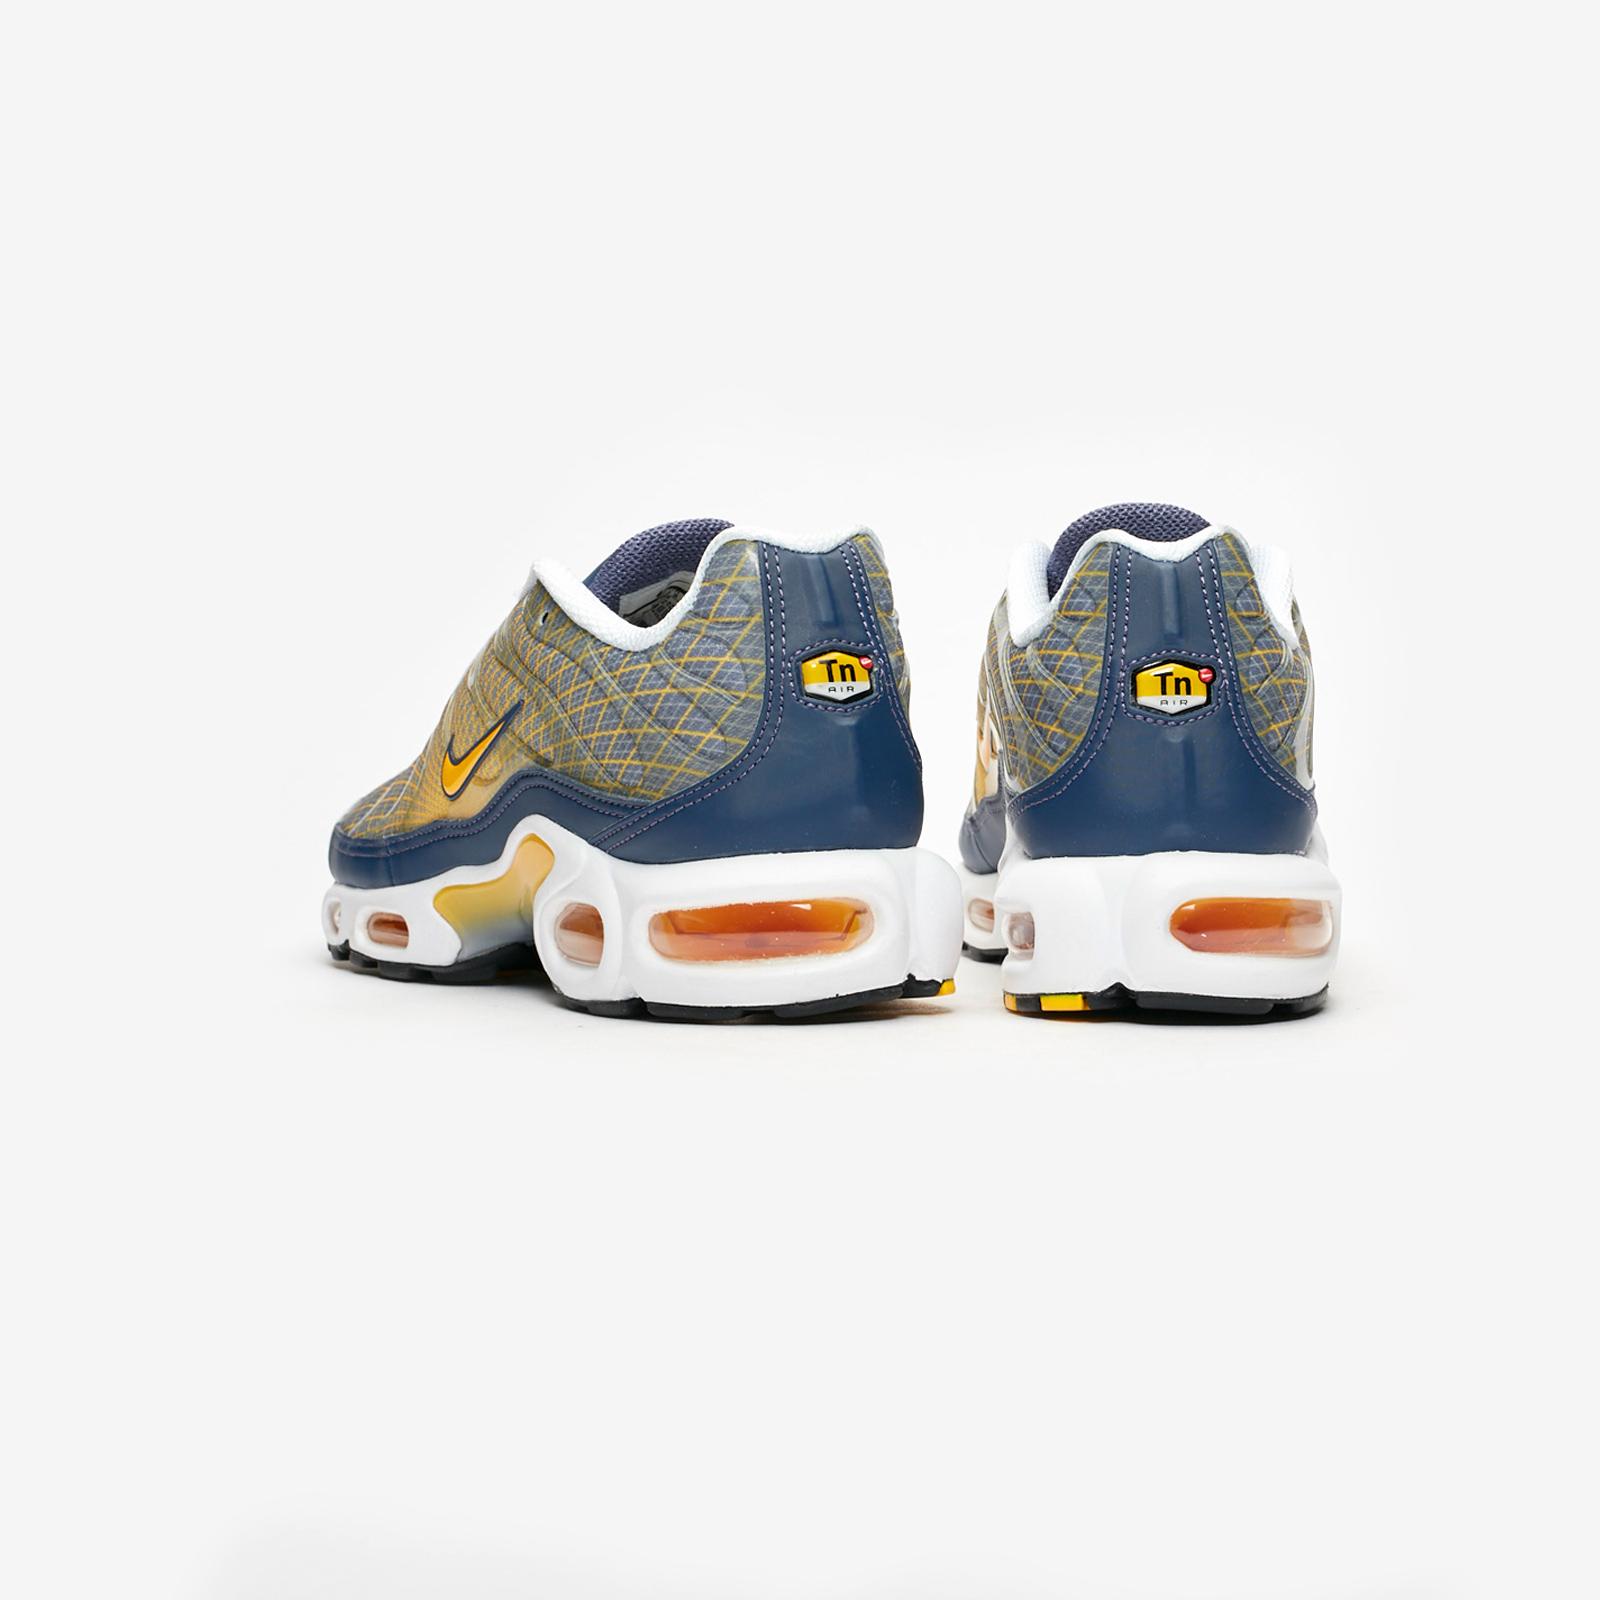 info for 6757e 20683 Nike Air Max Plus OG - Bv1983-500 - Sneakersnstuff ...